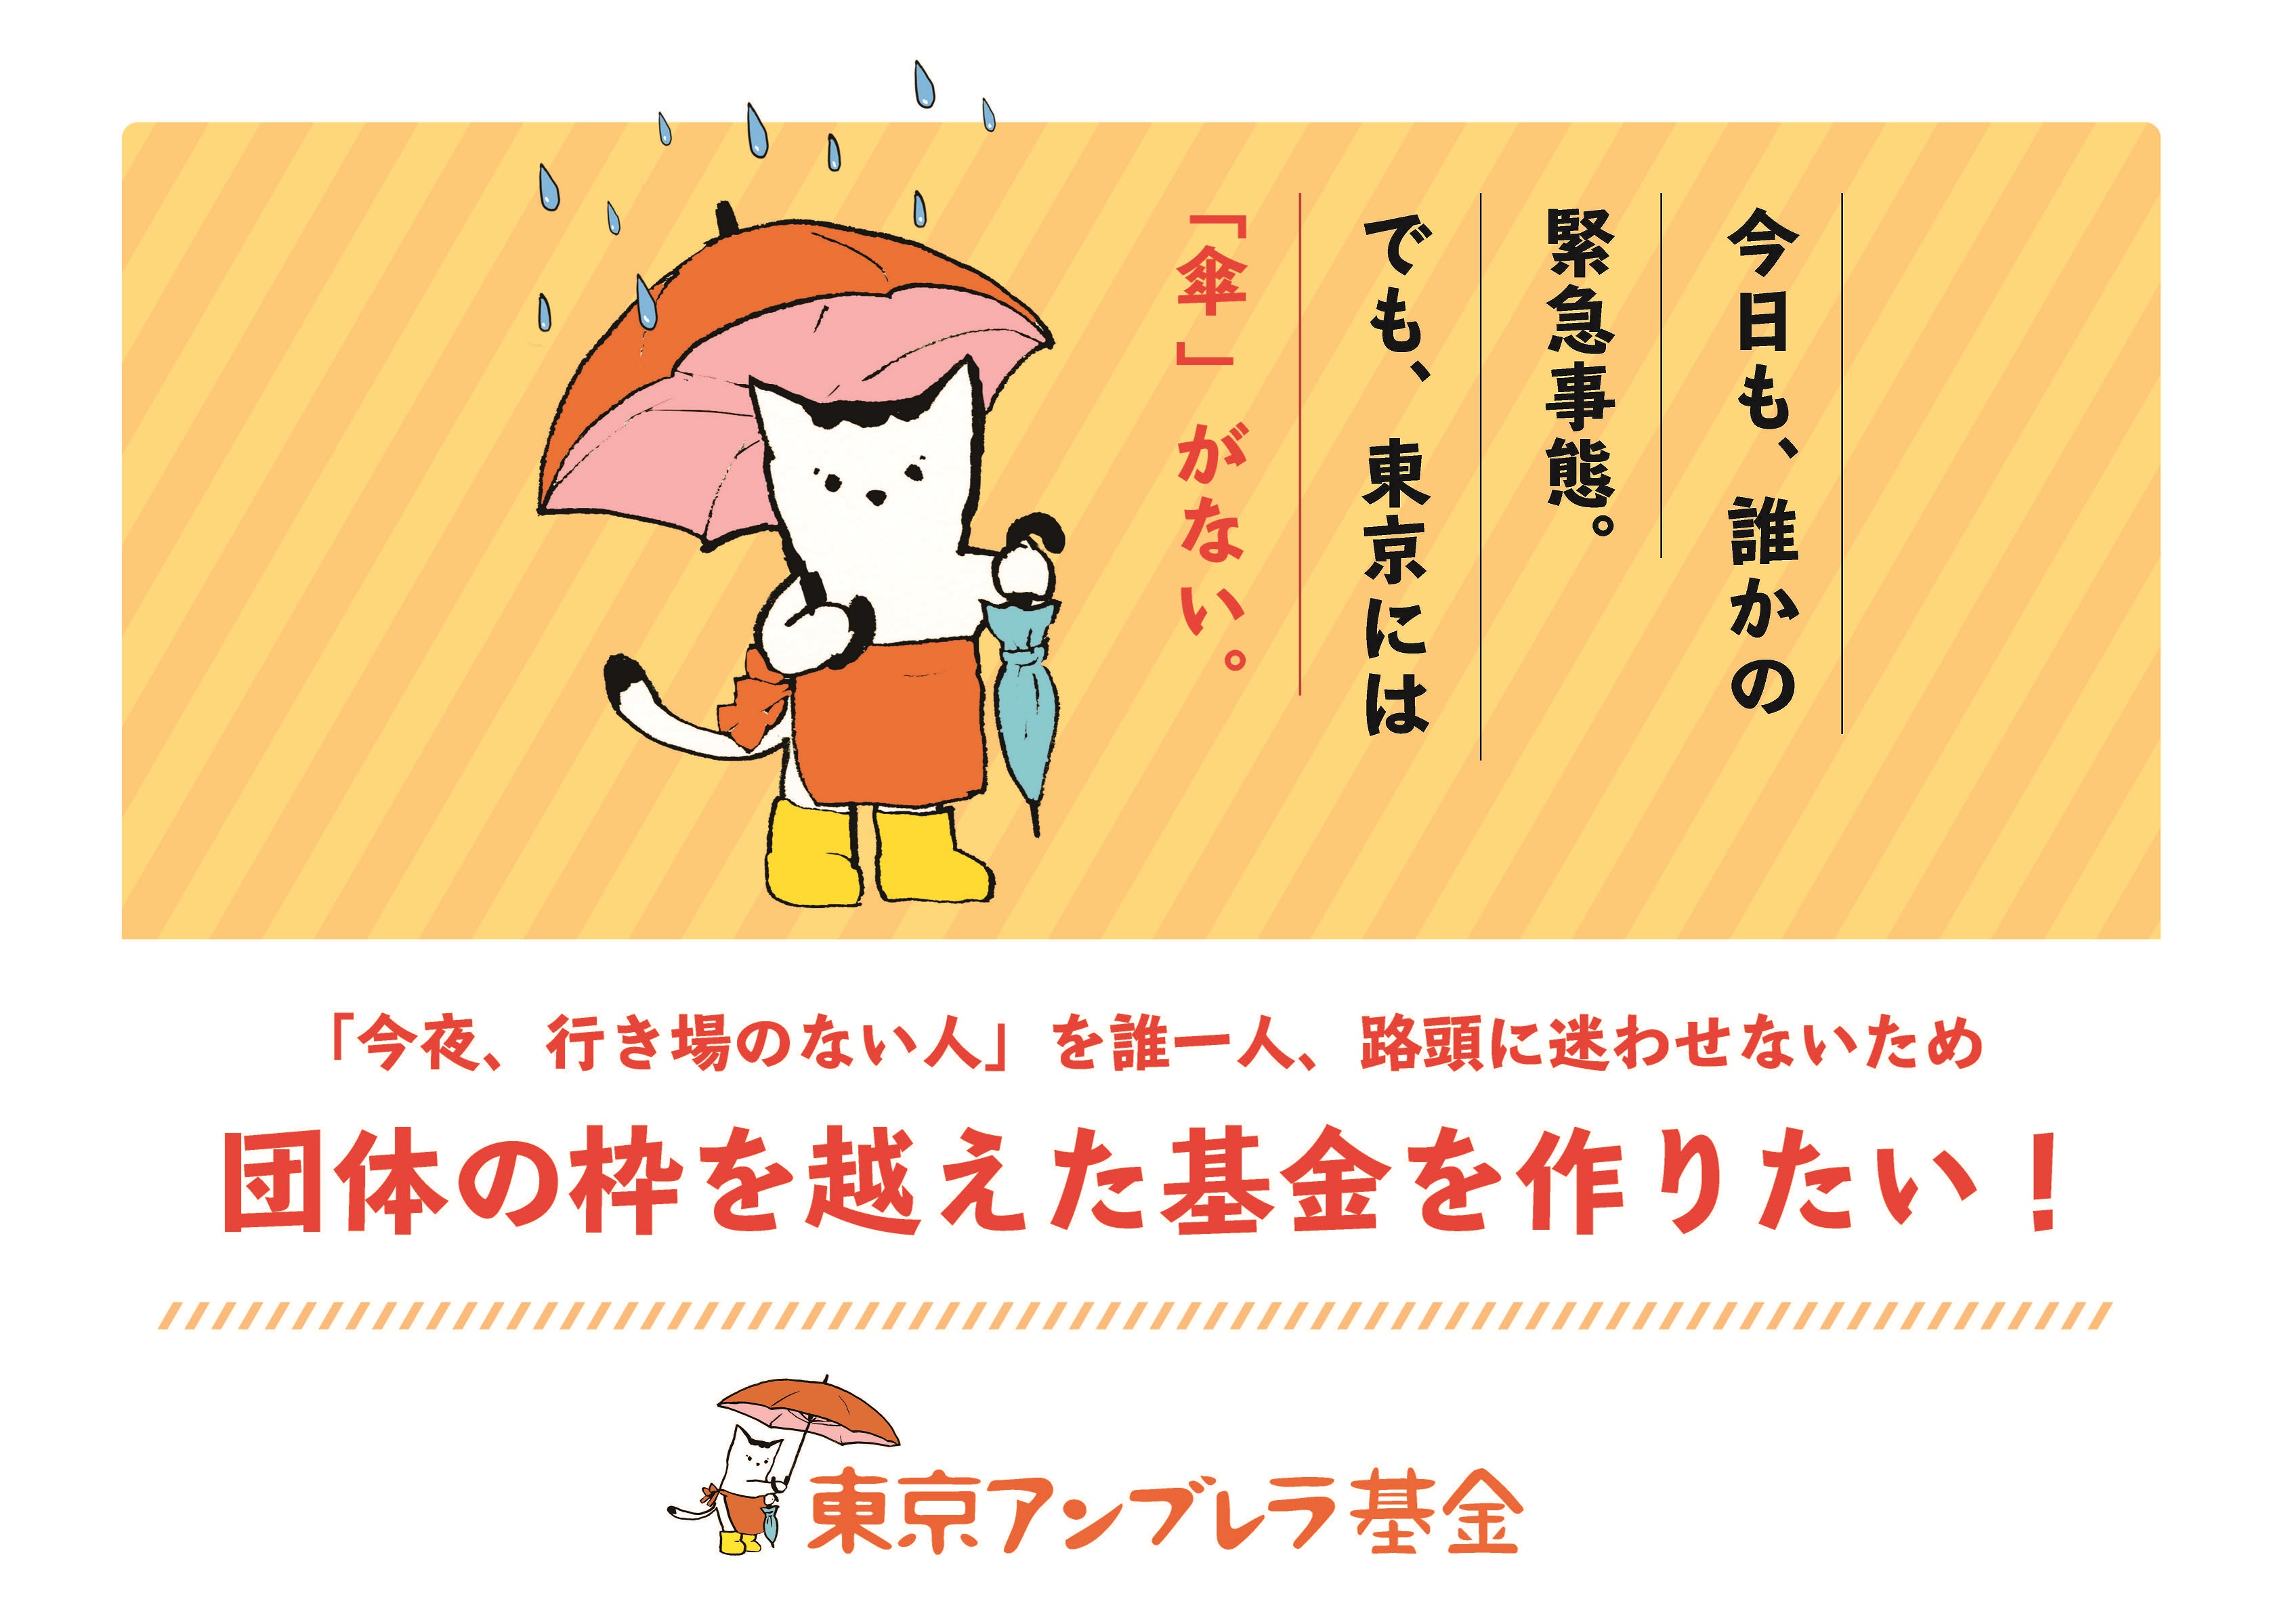 【緊急支援報告】ネットカフェ生活者と携帯電話